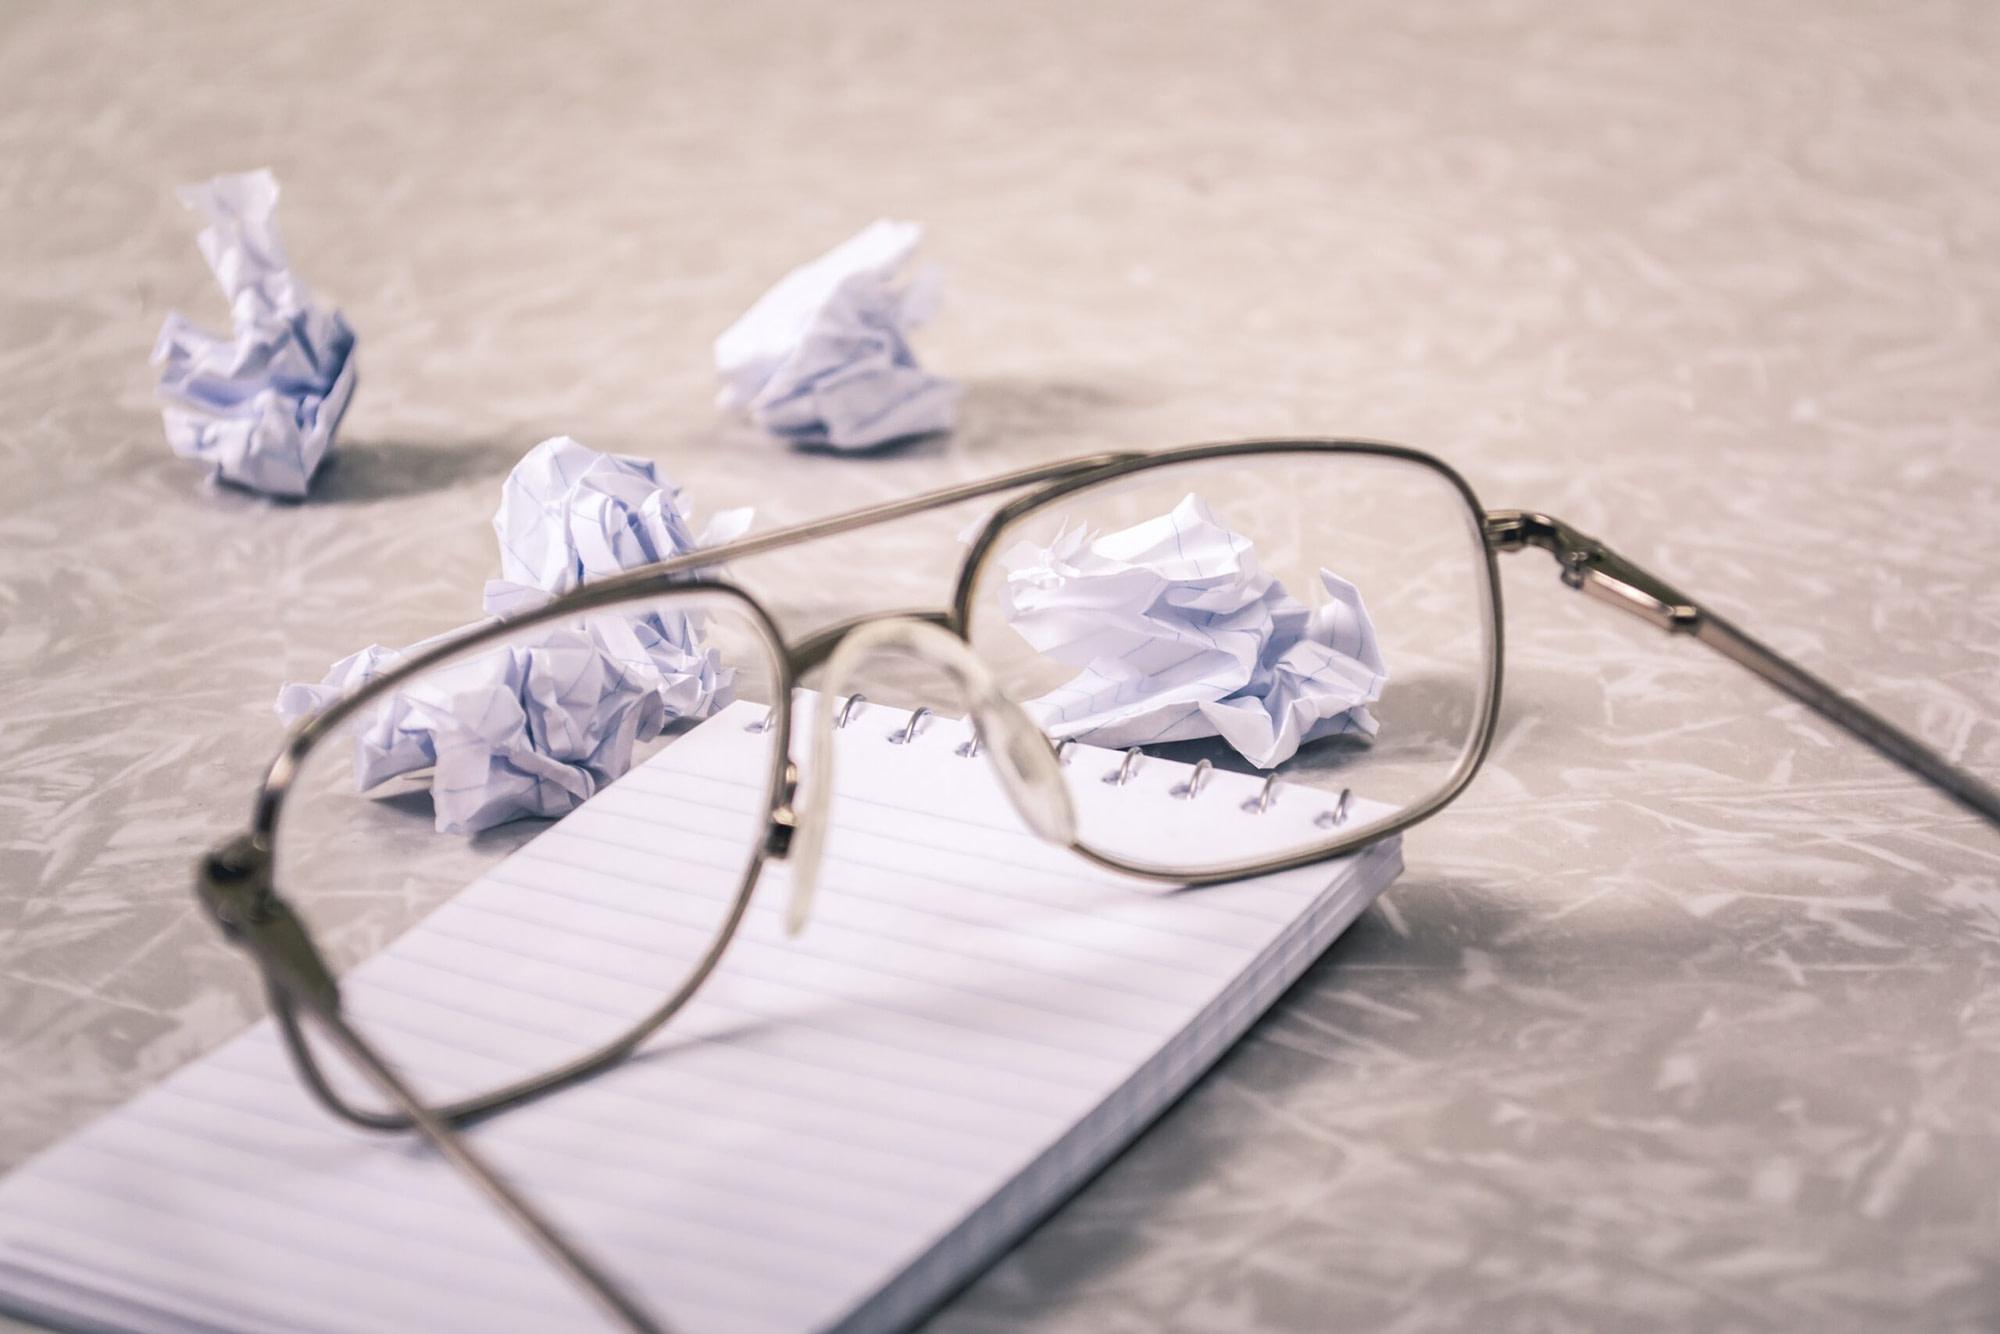 omdenken Van uitdaging naar kans – Deel 2: Omdenken & focus op een ander perspectief close up photography of eyeglasses near crumpled papers 963056 1 scaled